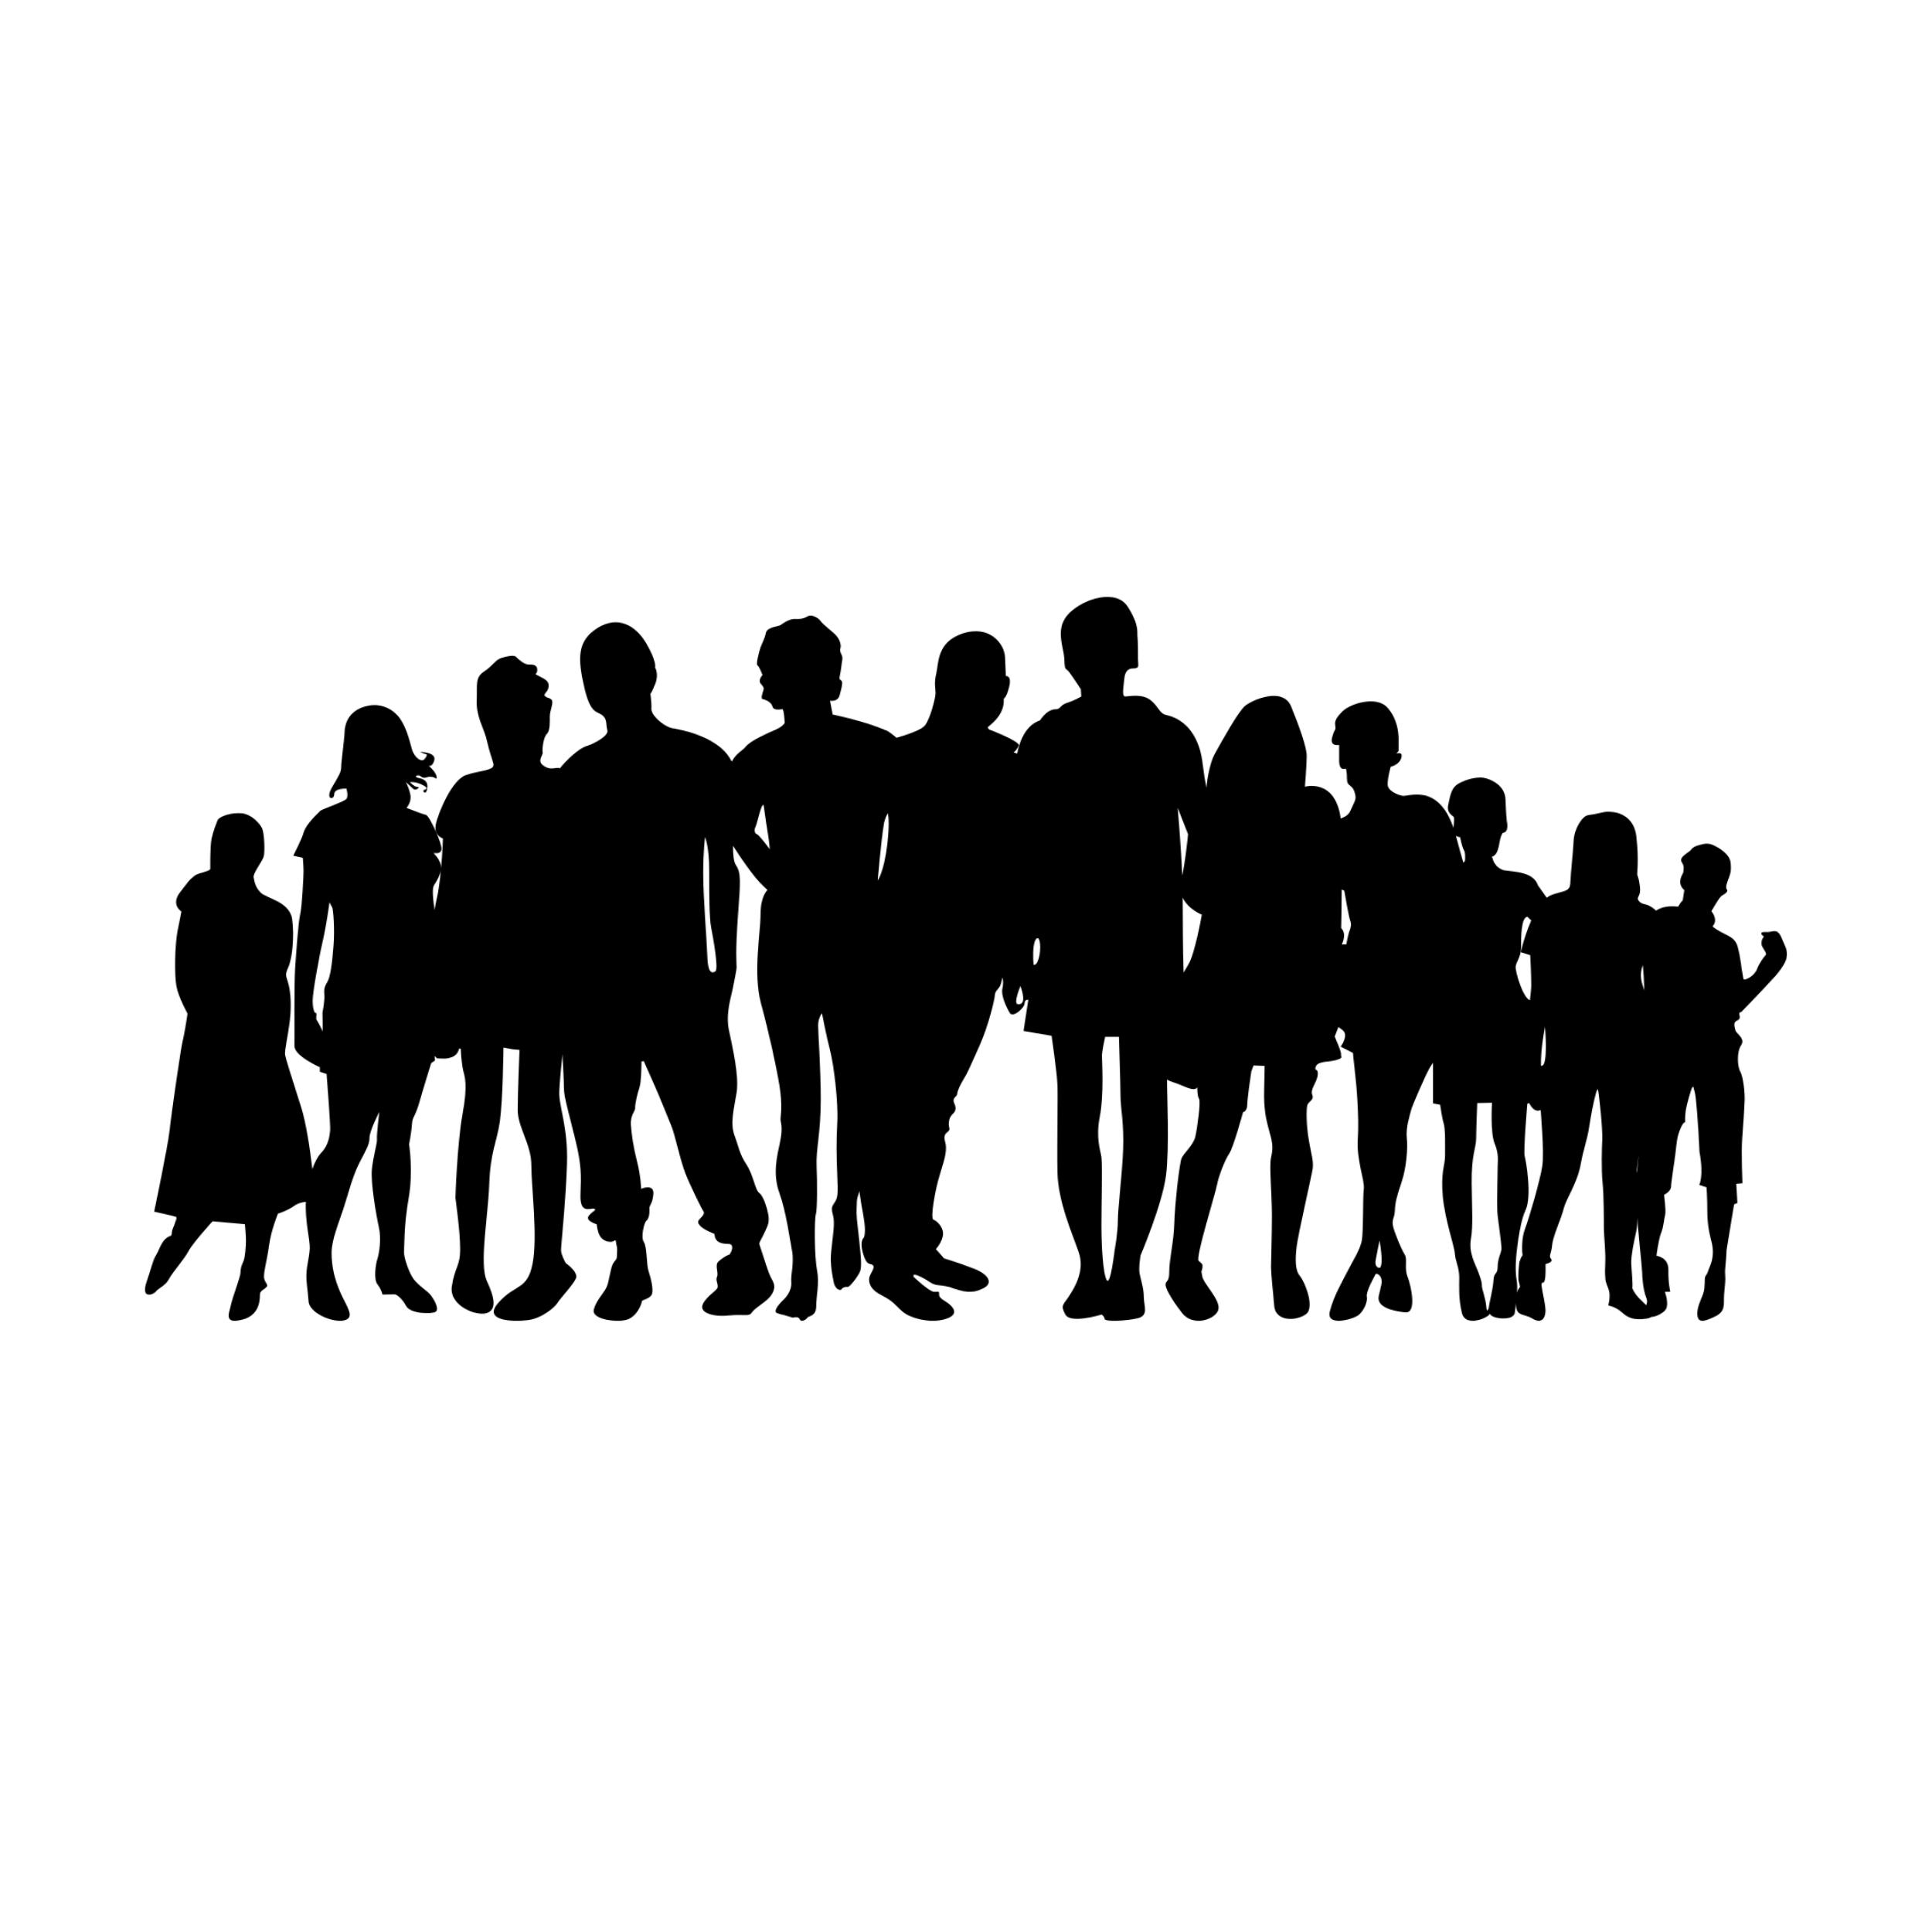 Die Silhuette einer Gruppe von Menschen die zusammen steht